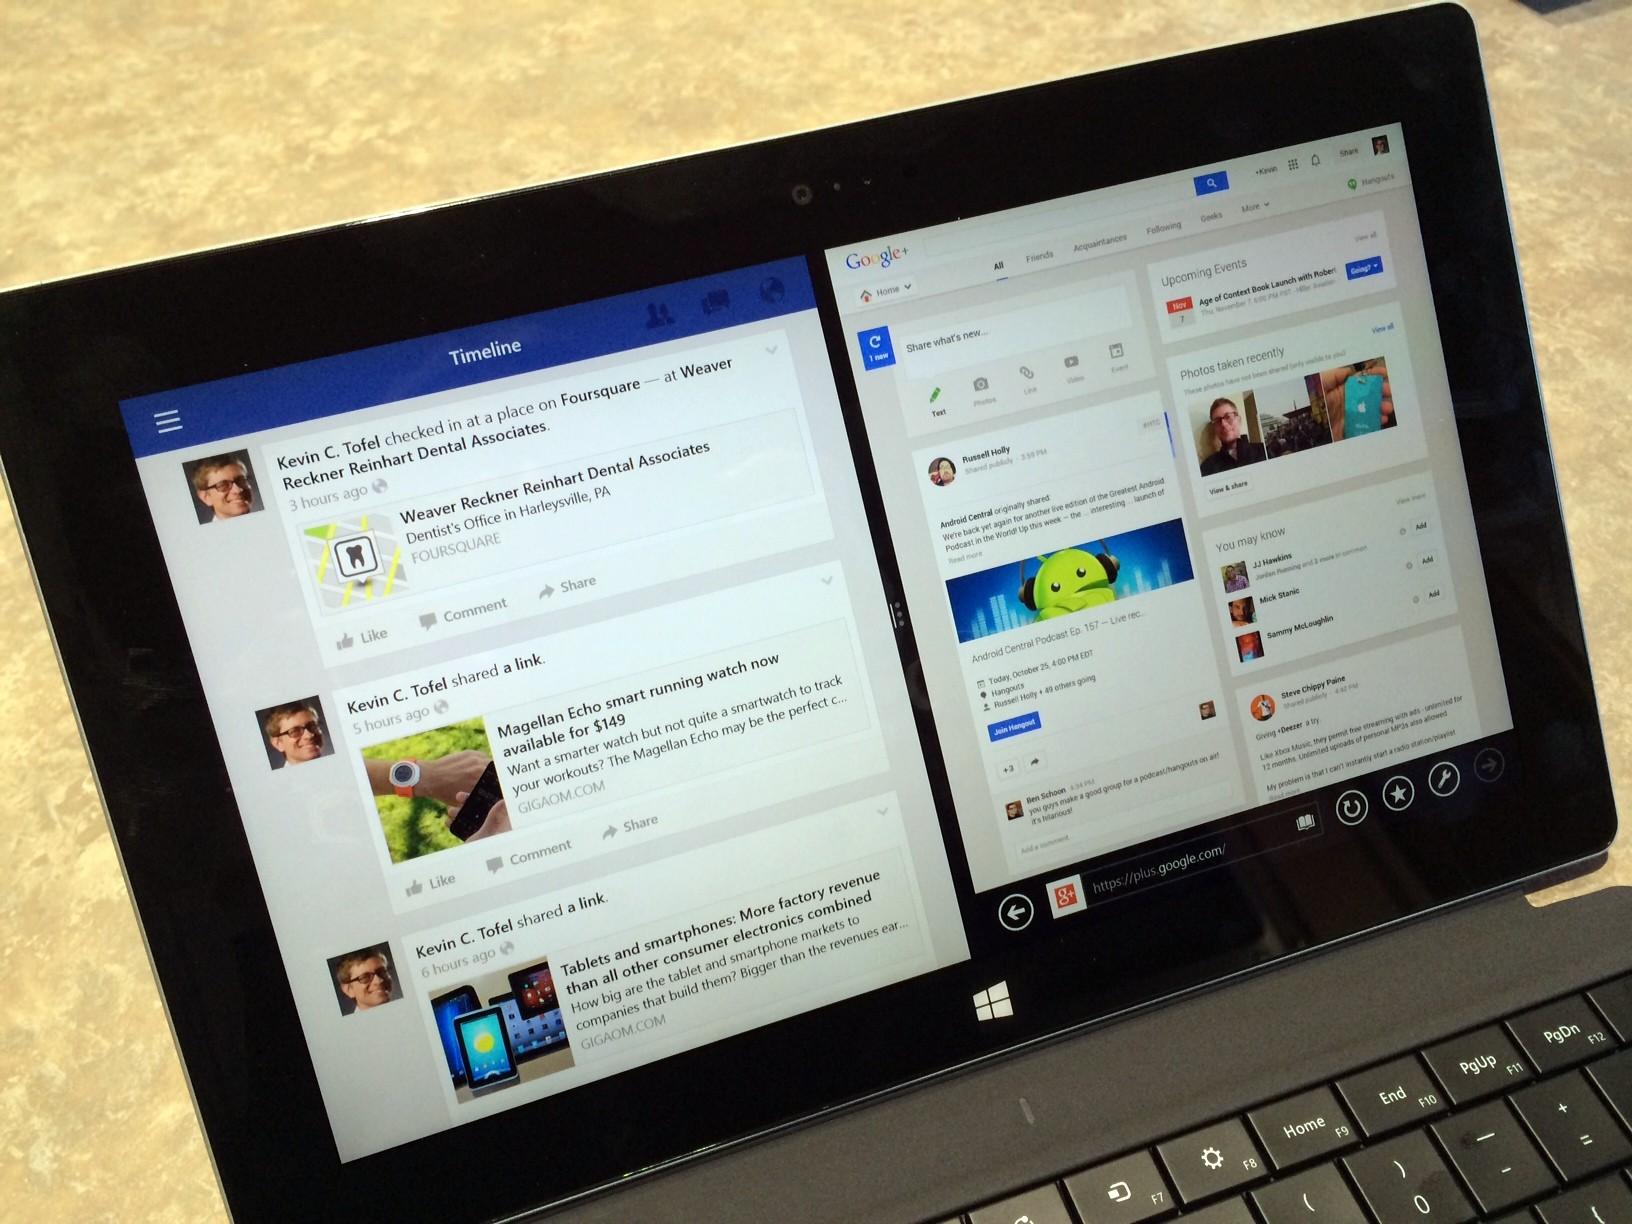 Surface 2 multitasking